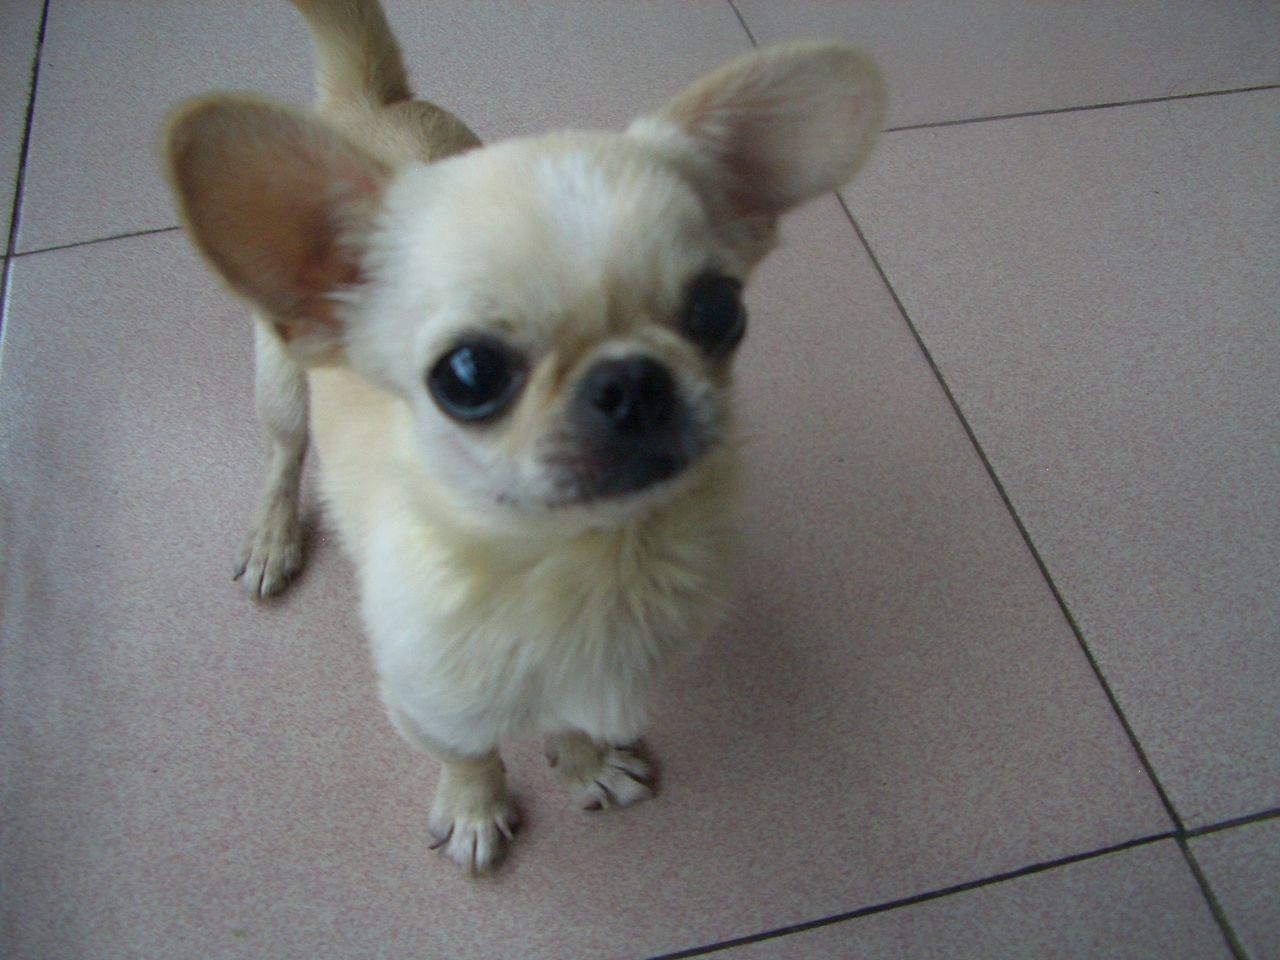 长耳朵短尾巴的狗_小狗眼睛向外鼓,耳朵呈扇形,尾巴长,是什么品种_百度知道